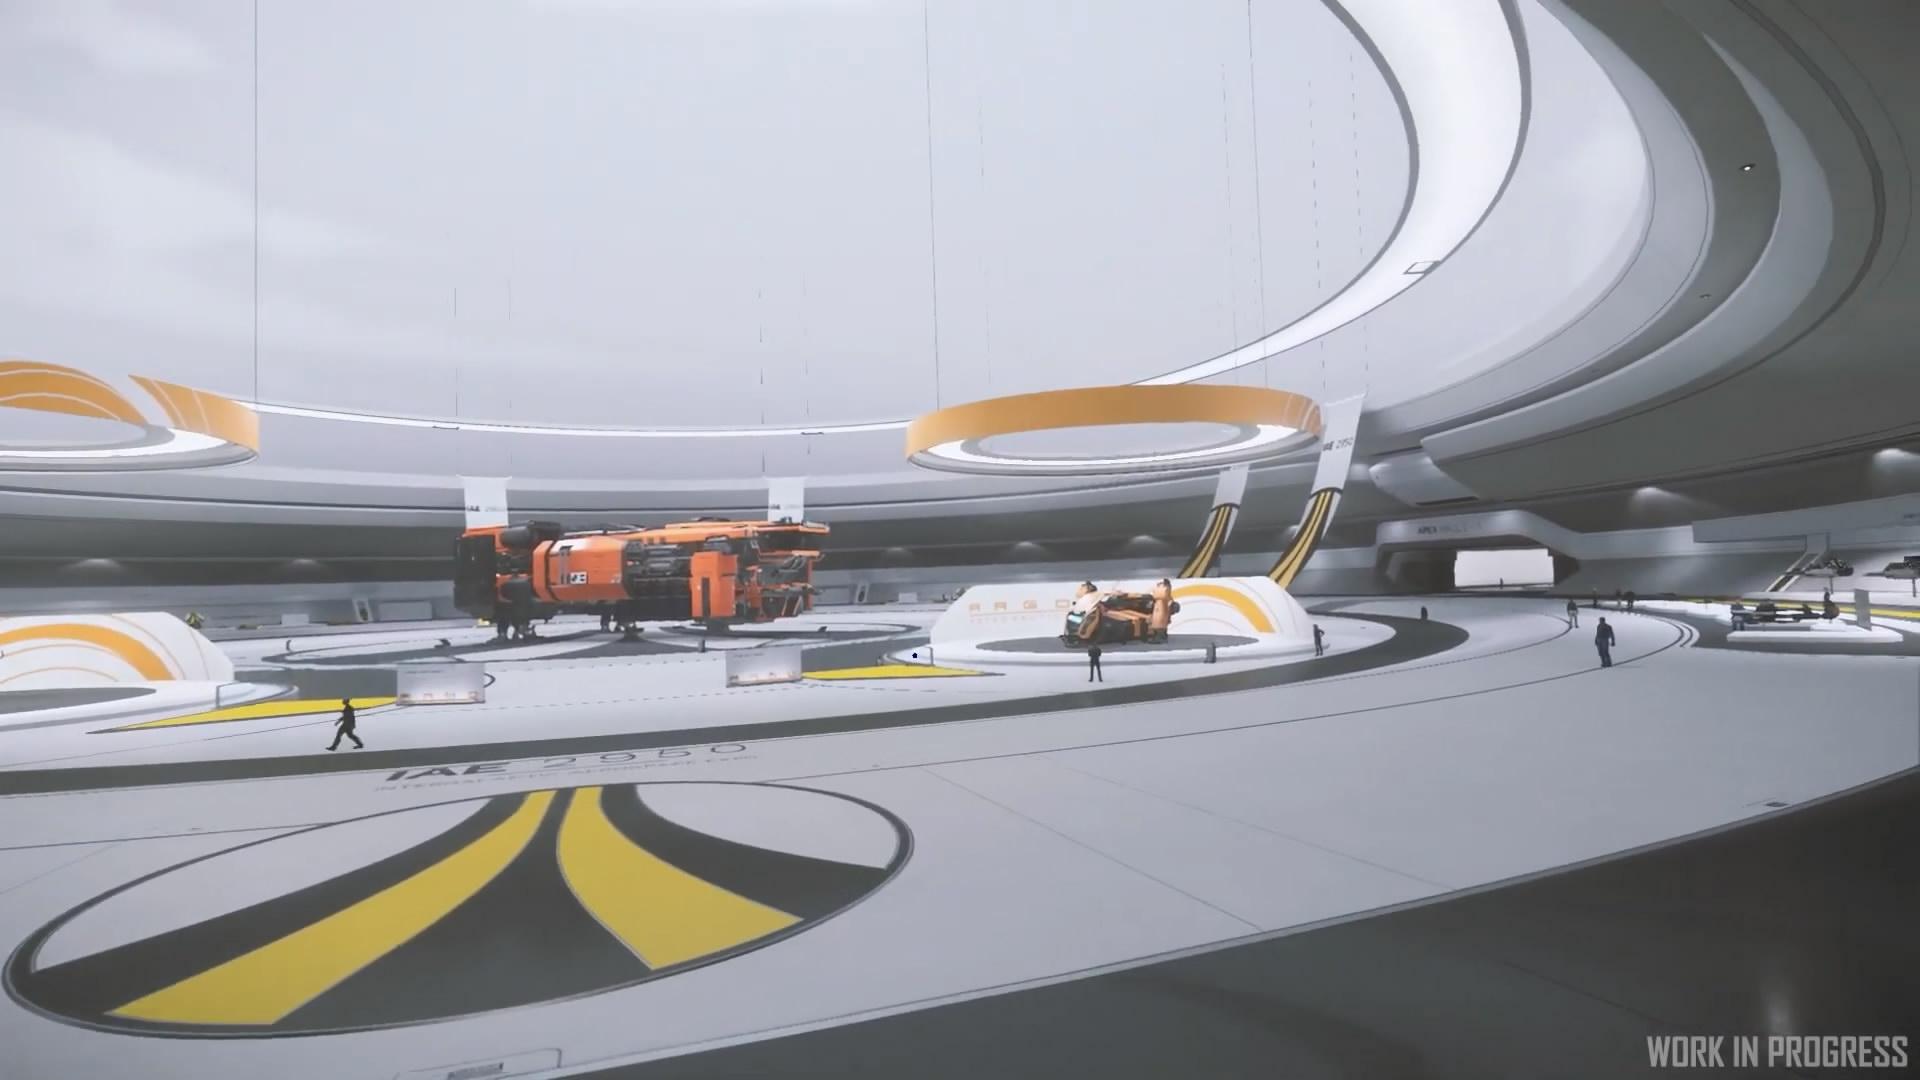 《星际公民》视频展示新游牧舰 众筹破3.18亿美元